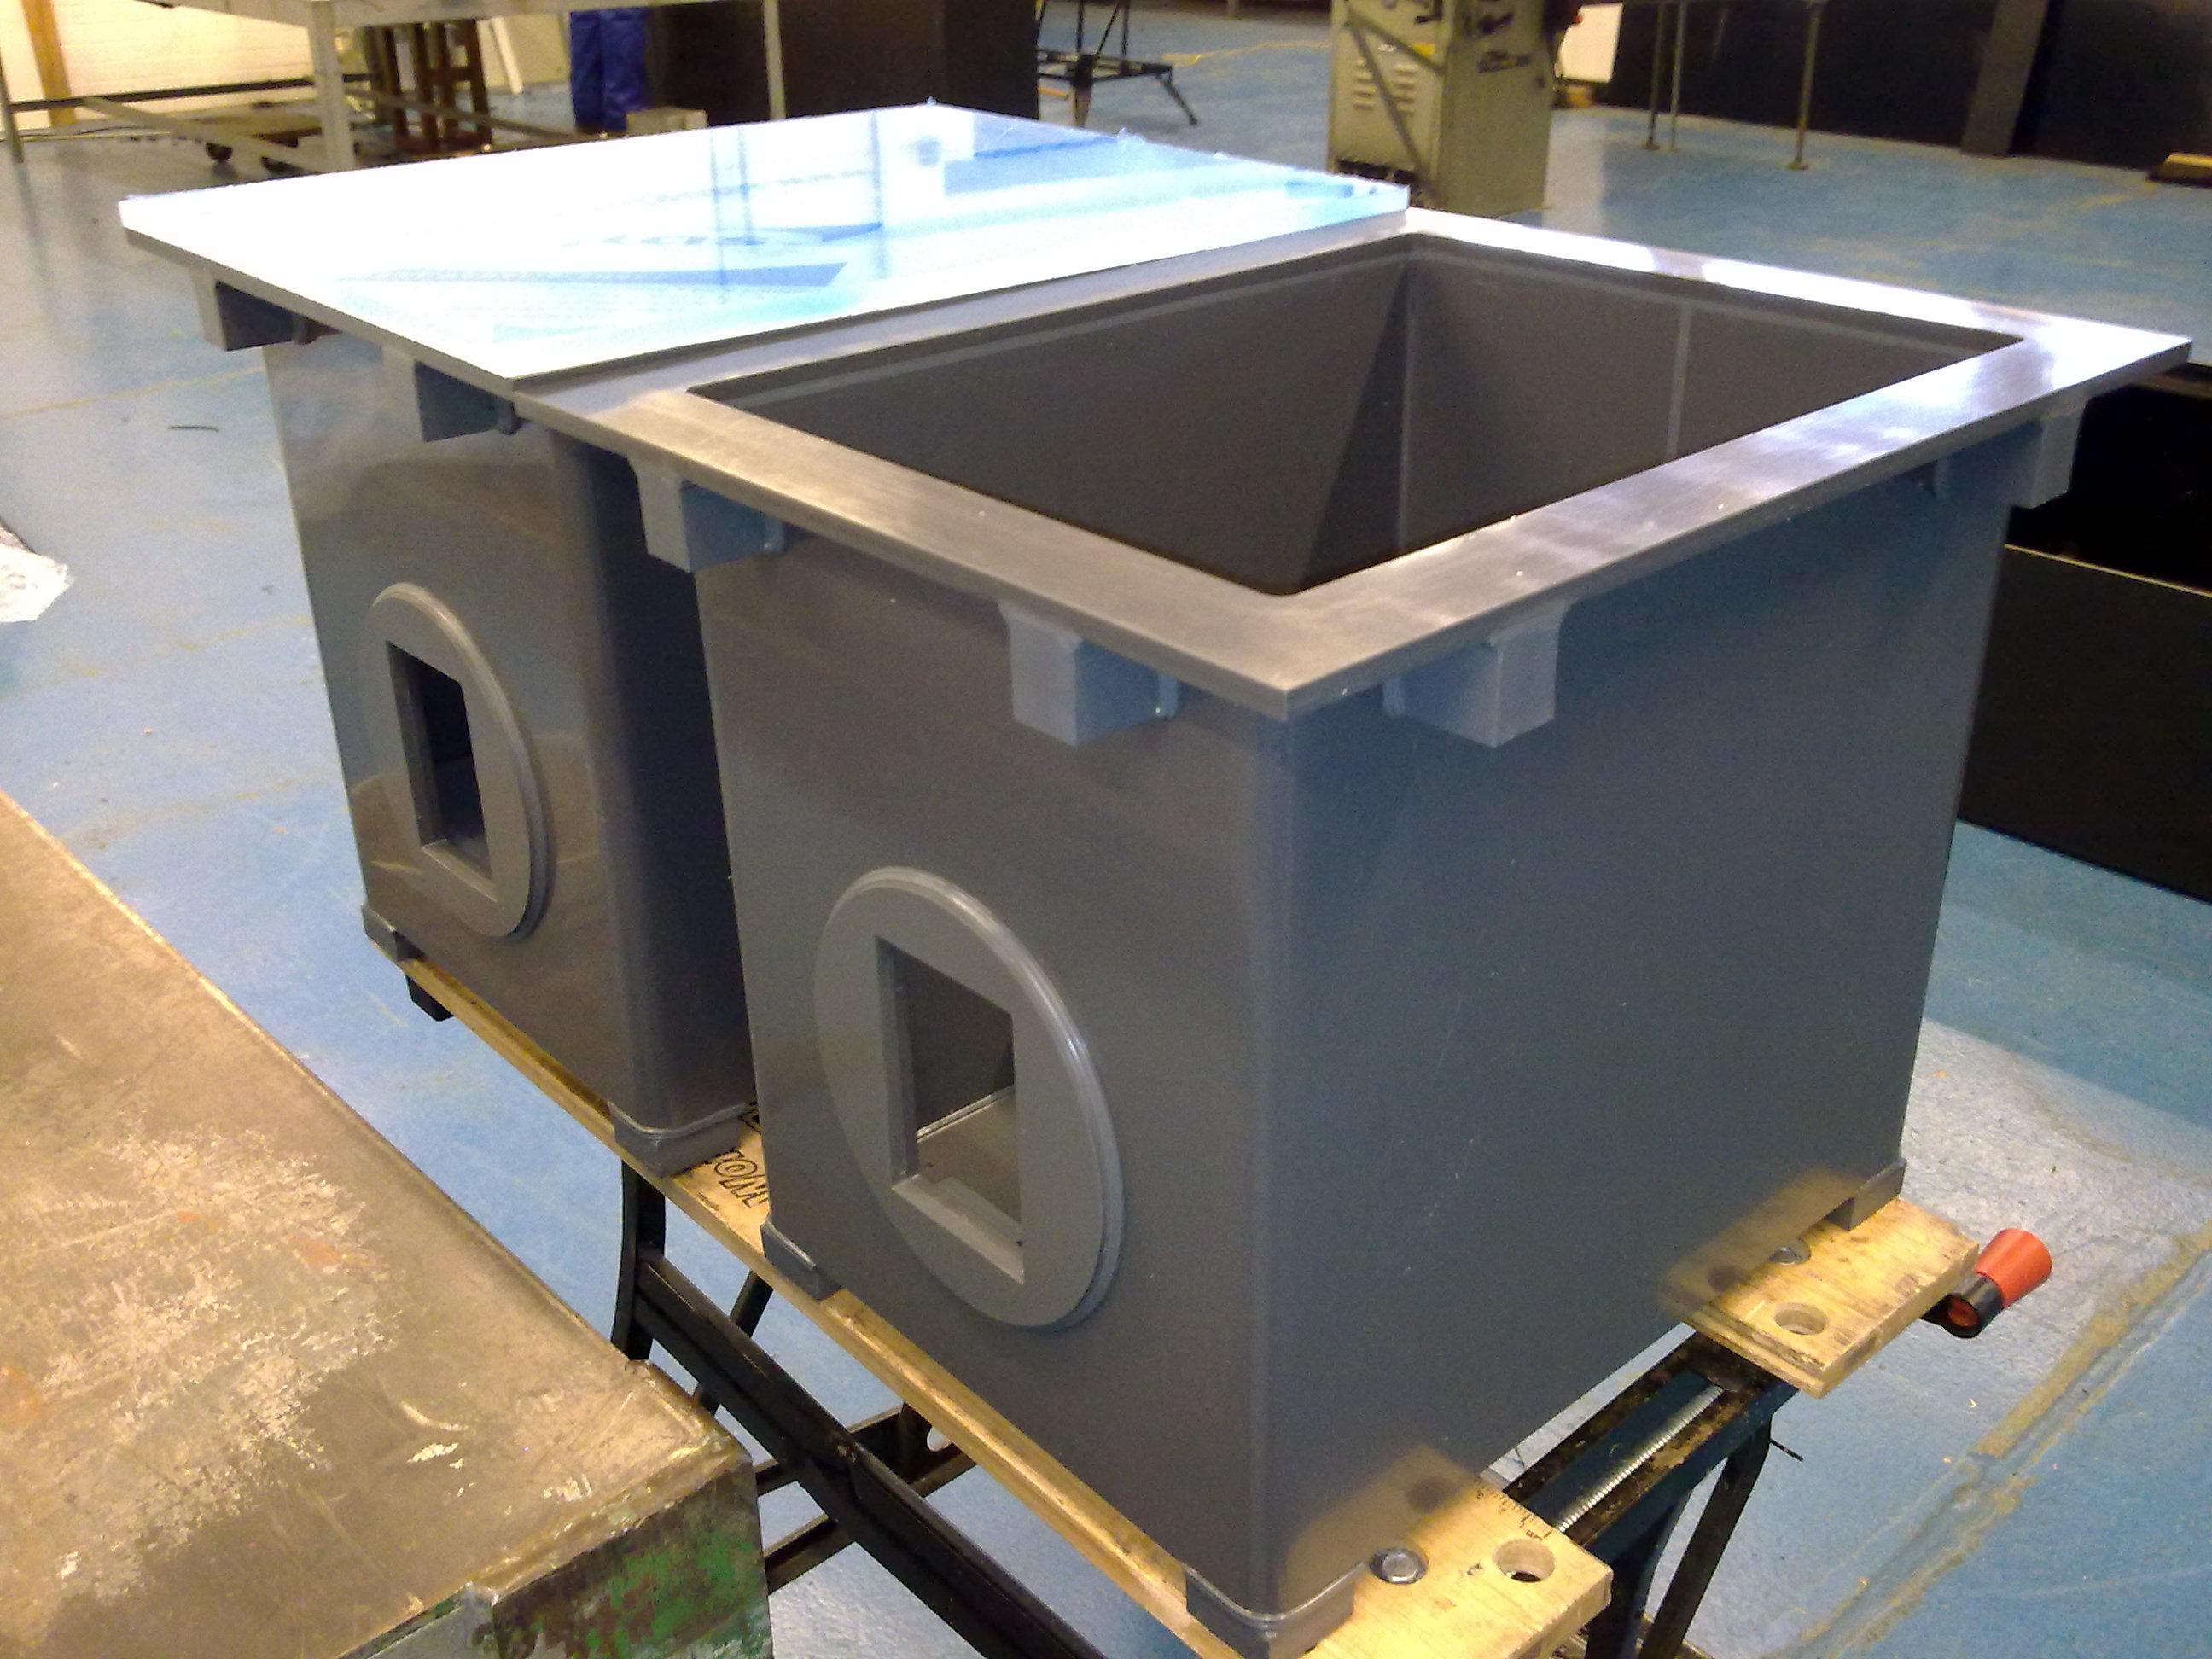 6 Beckox bespoken equipment Beckox bespoken equipment 6